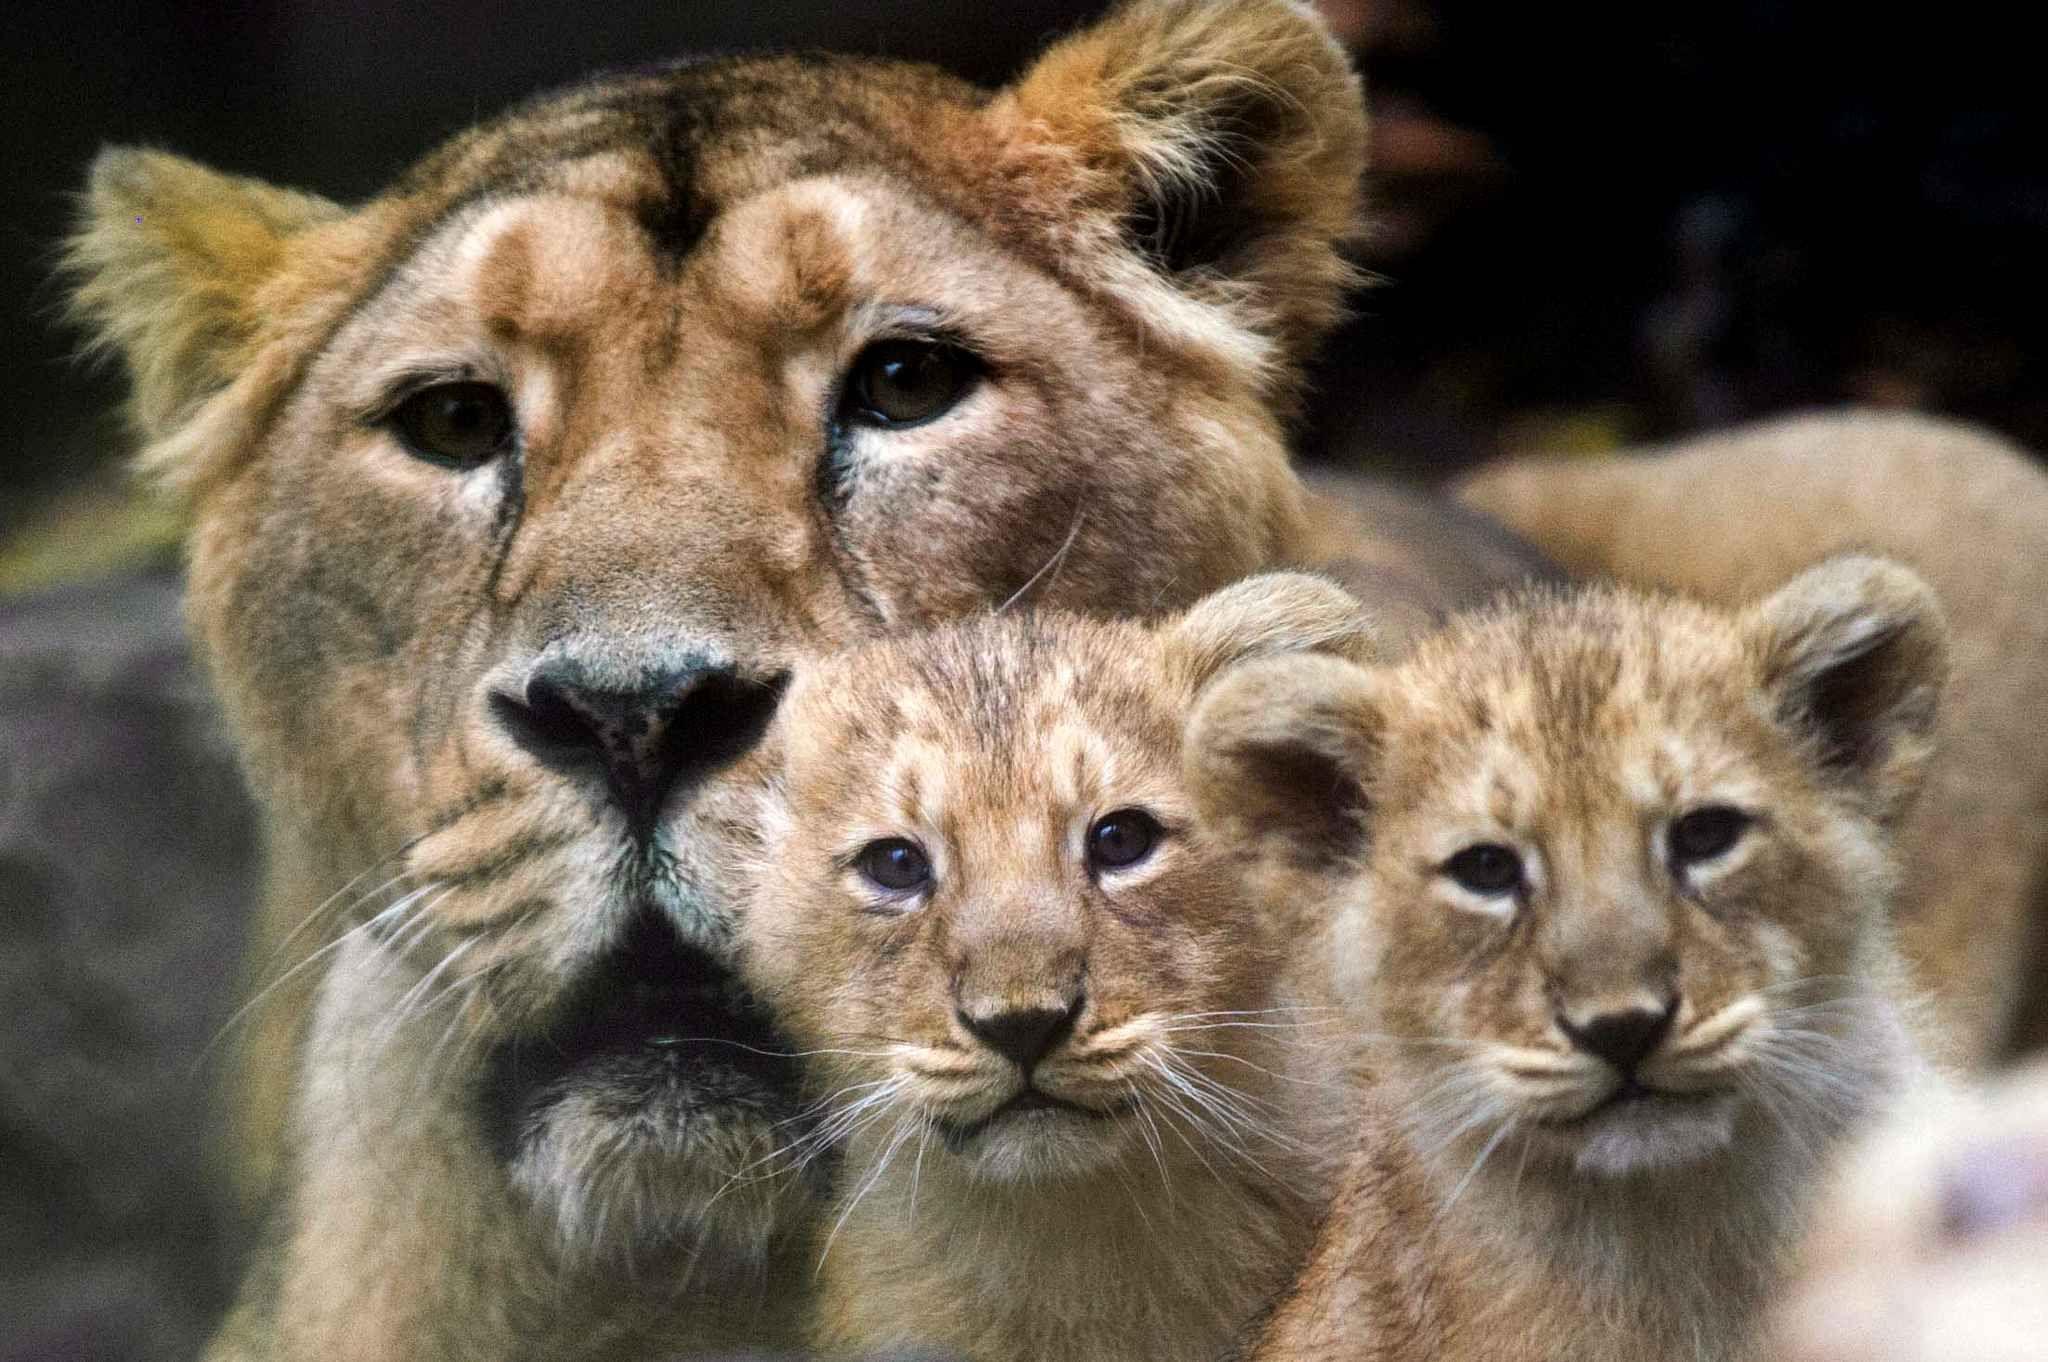 Deux lionceaux du zoo de Mulhouse sont très intrigués par la présence de l'appareil photo.